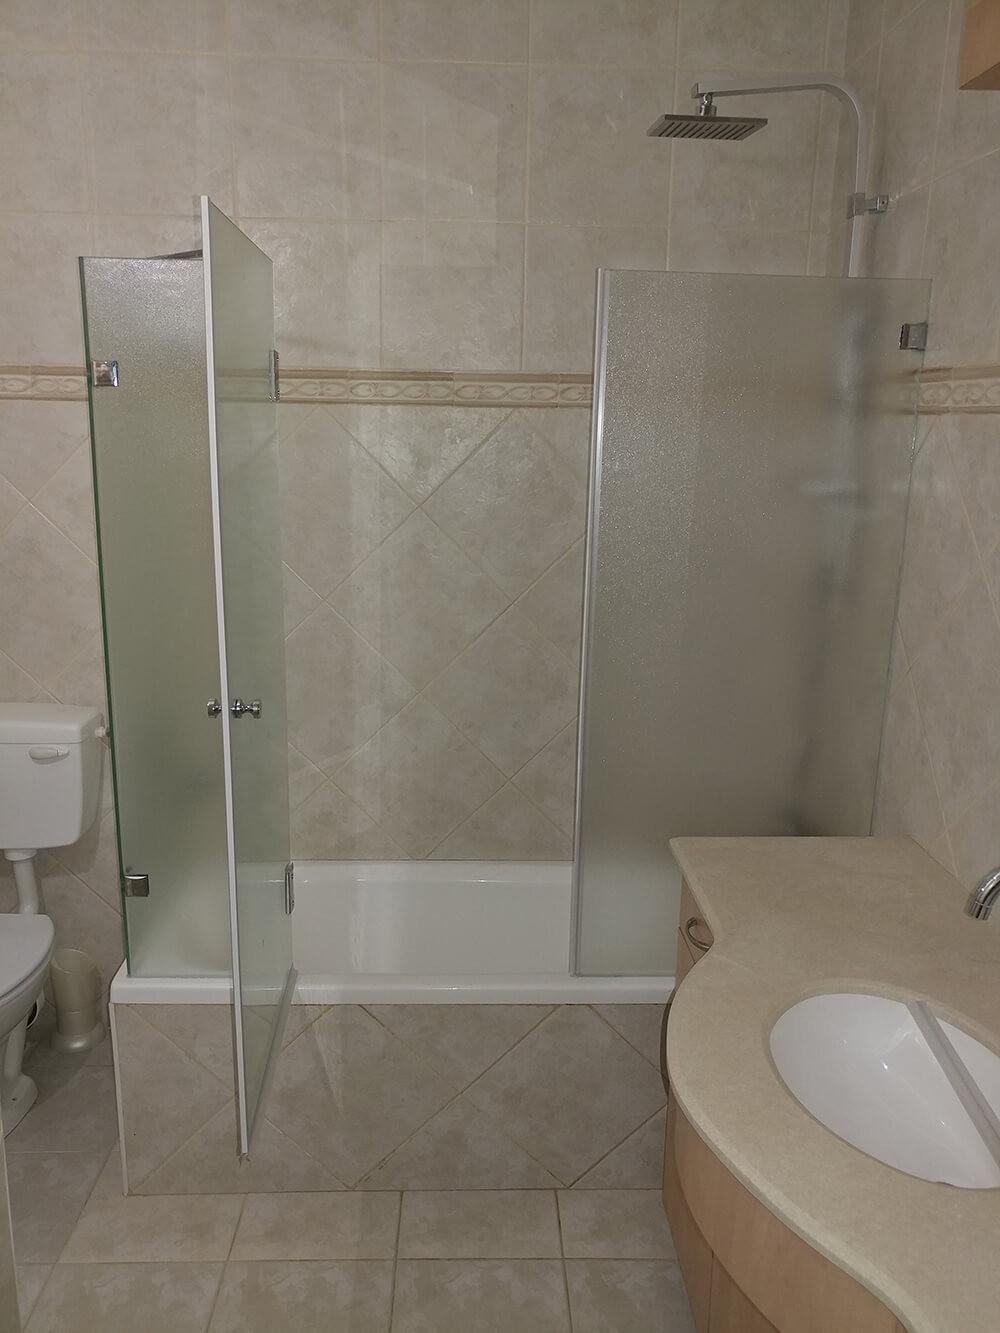 מותקן - מקלחון אמבטיה פתוח